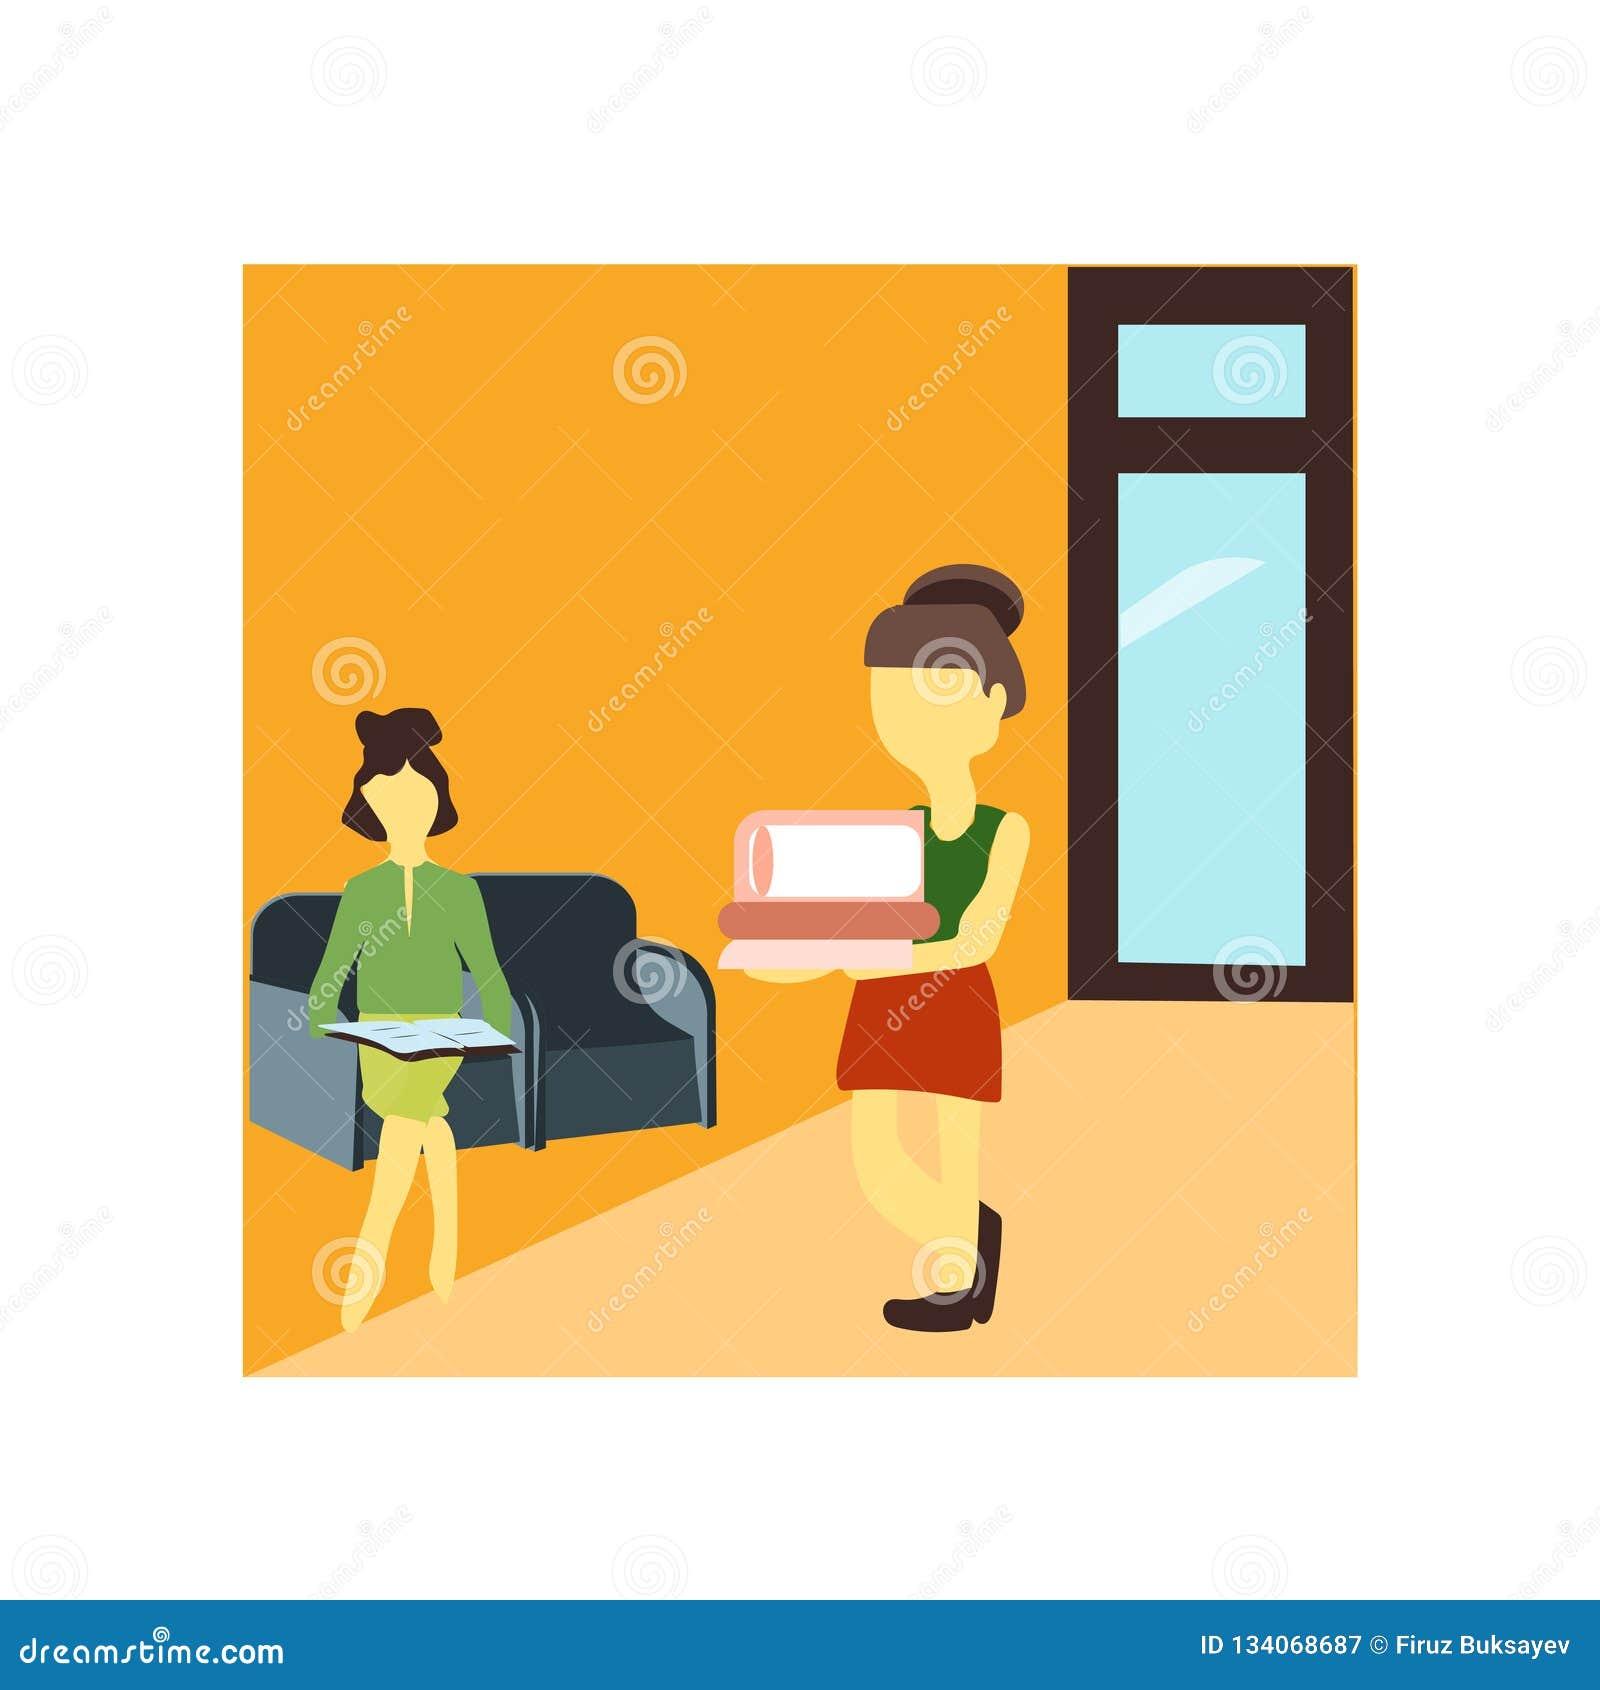 女孩看书传染媒介在白色背景和标志隔绝的传染媒介标志,女孩看书传染媒介商标概念